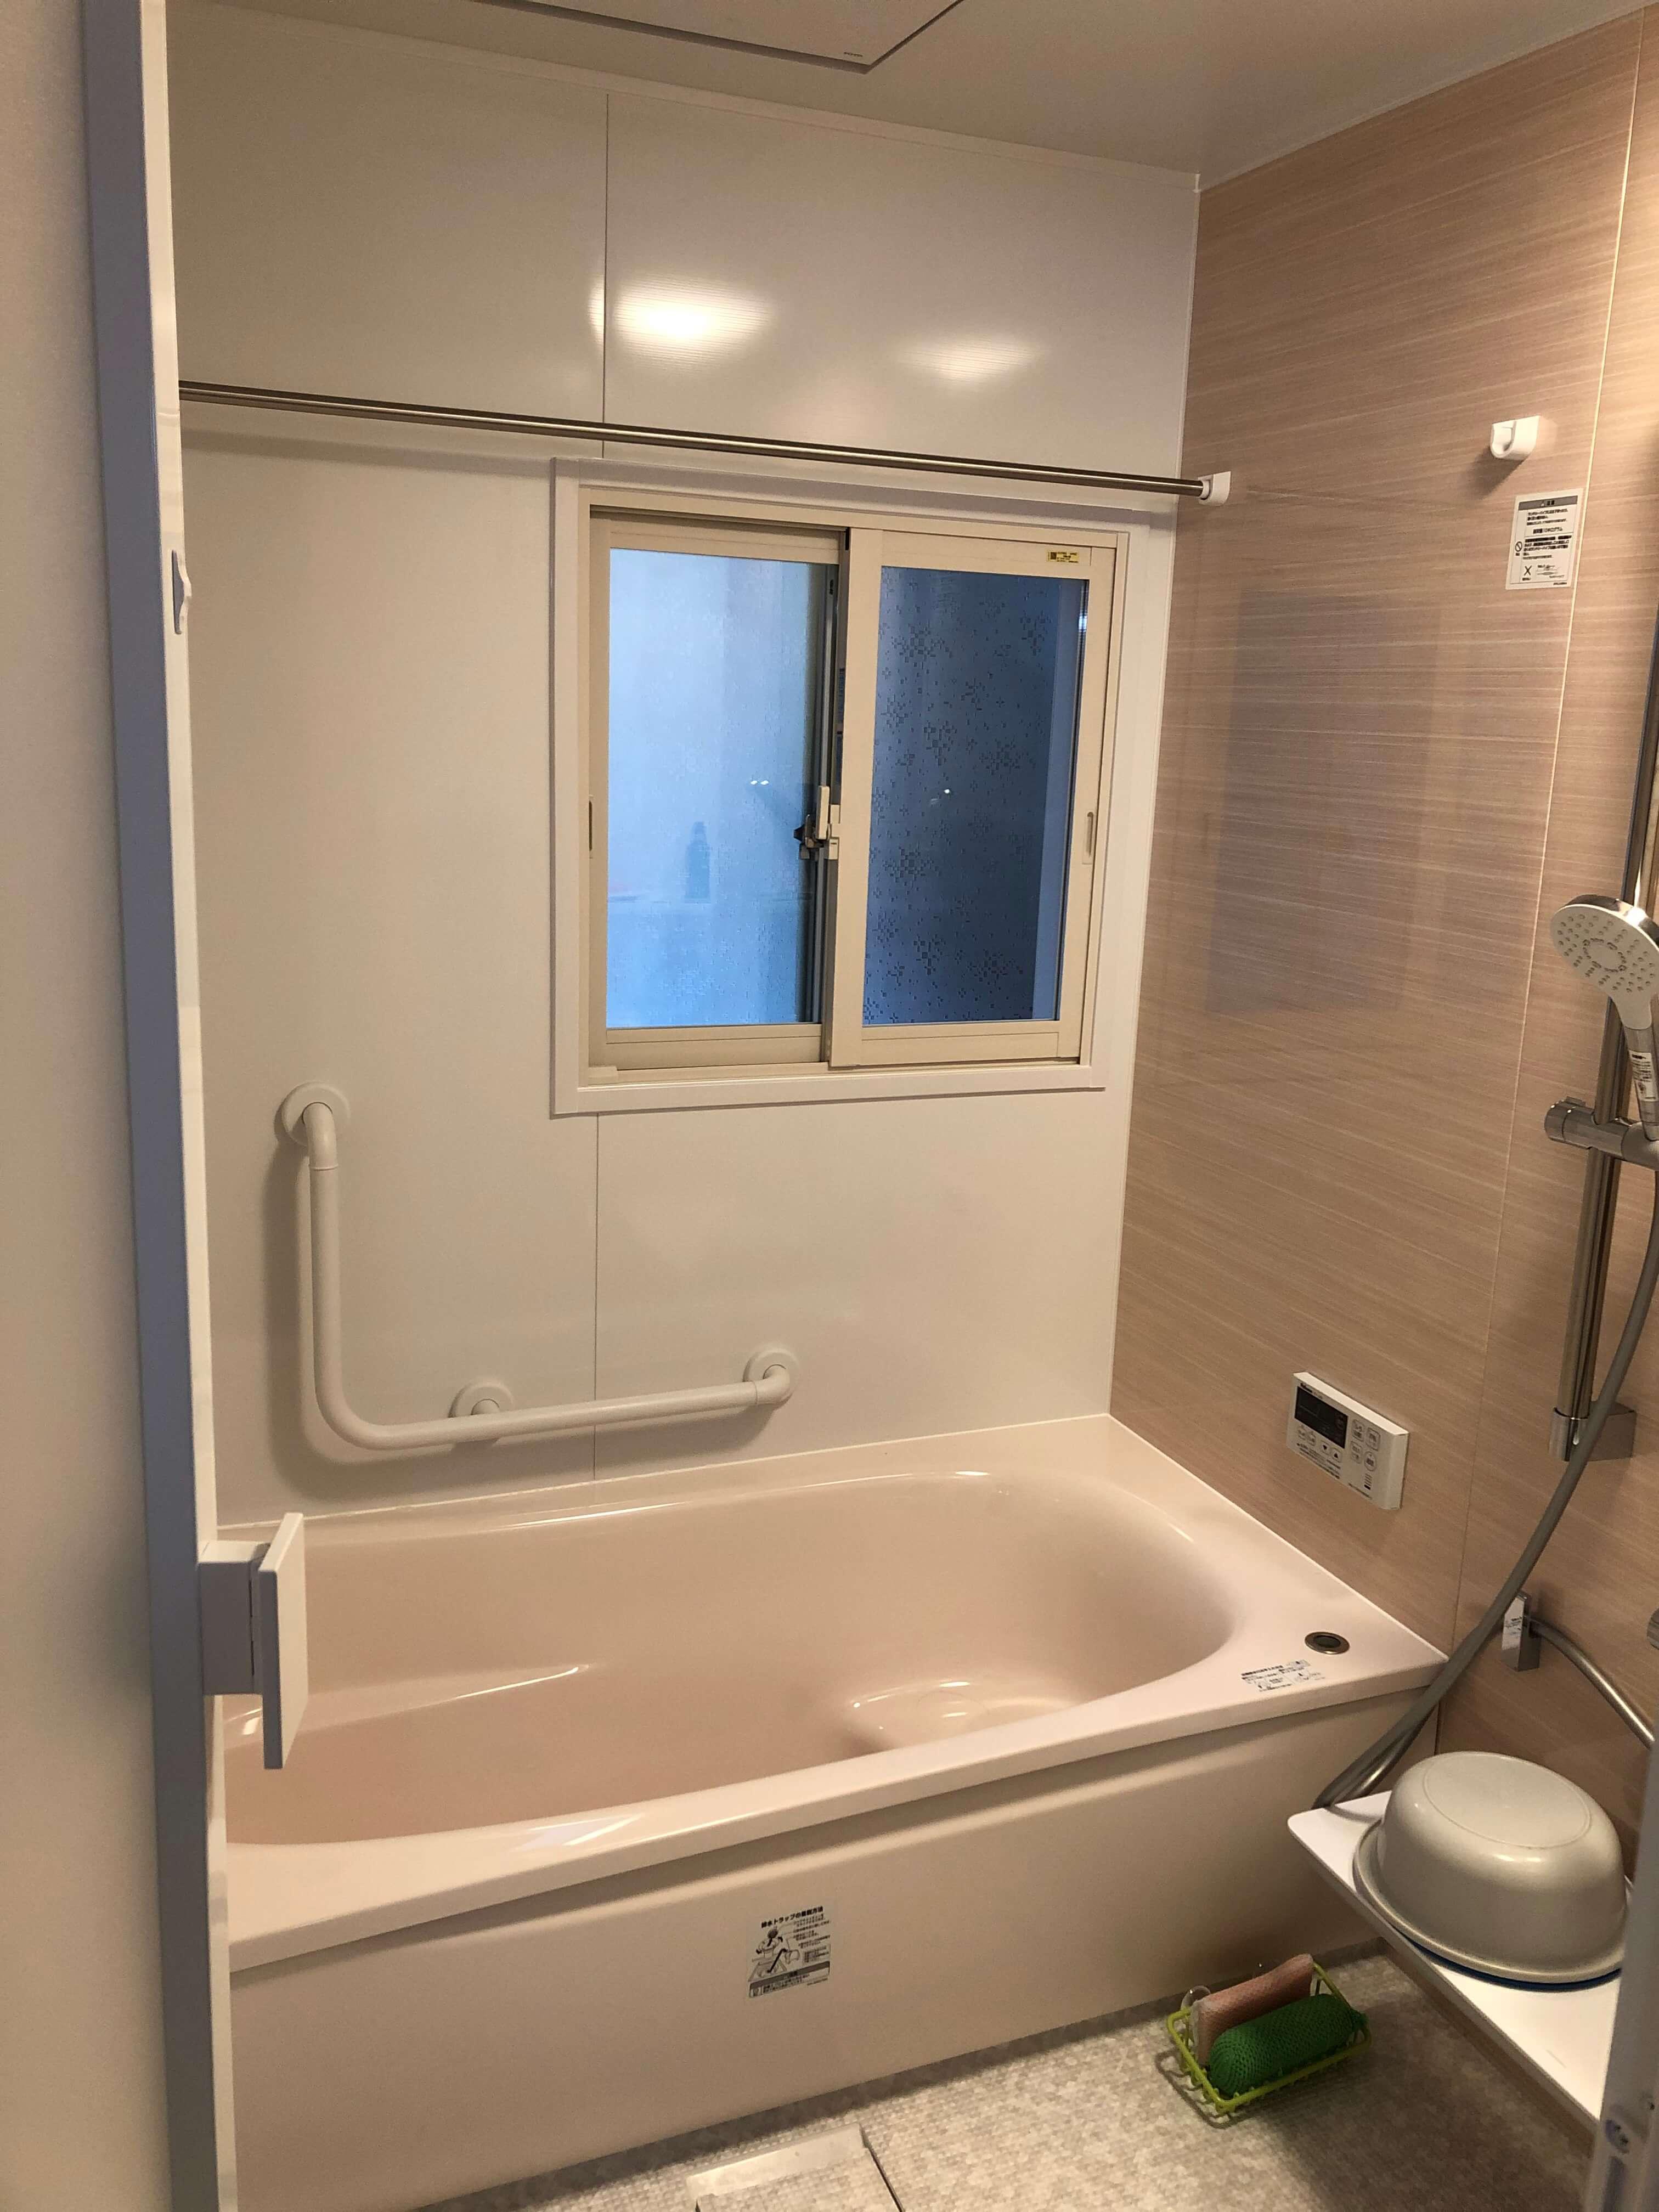 福山市神辺町 M様邸浴室改修工事